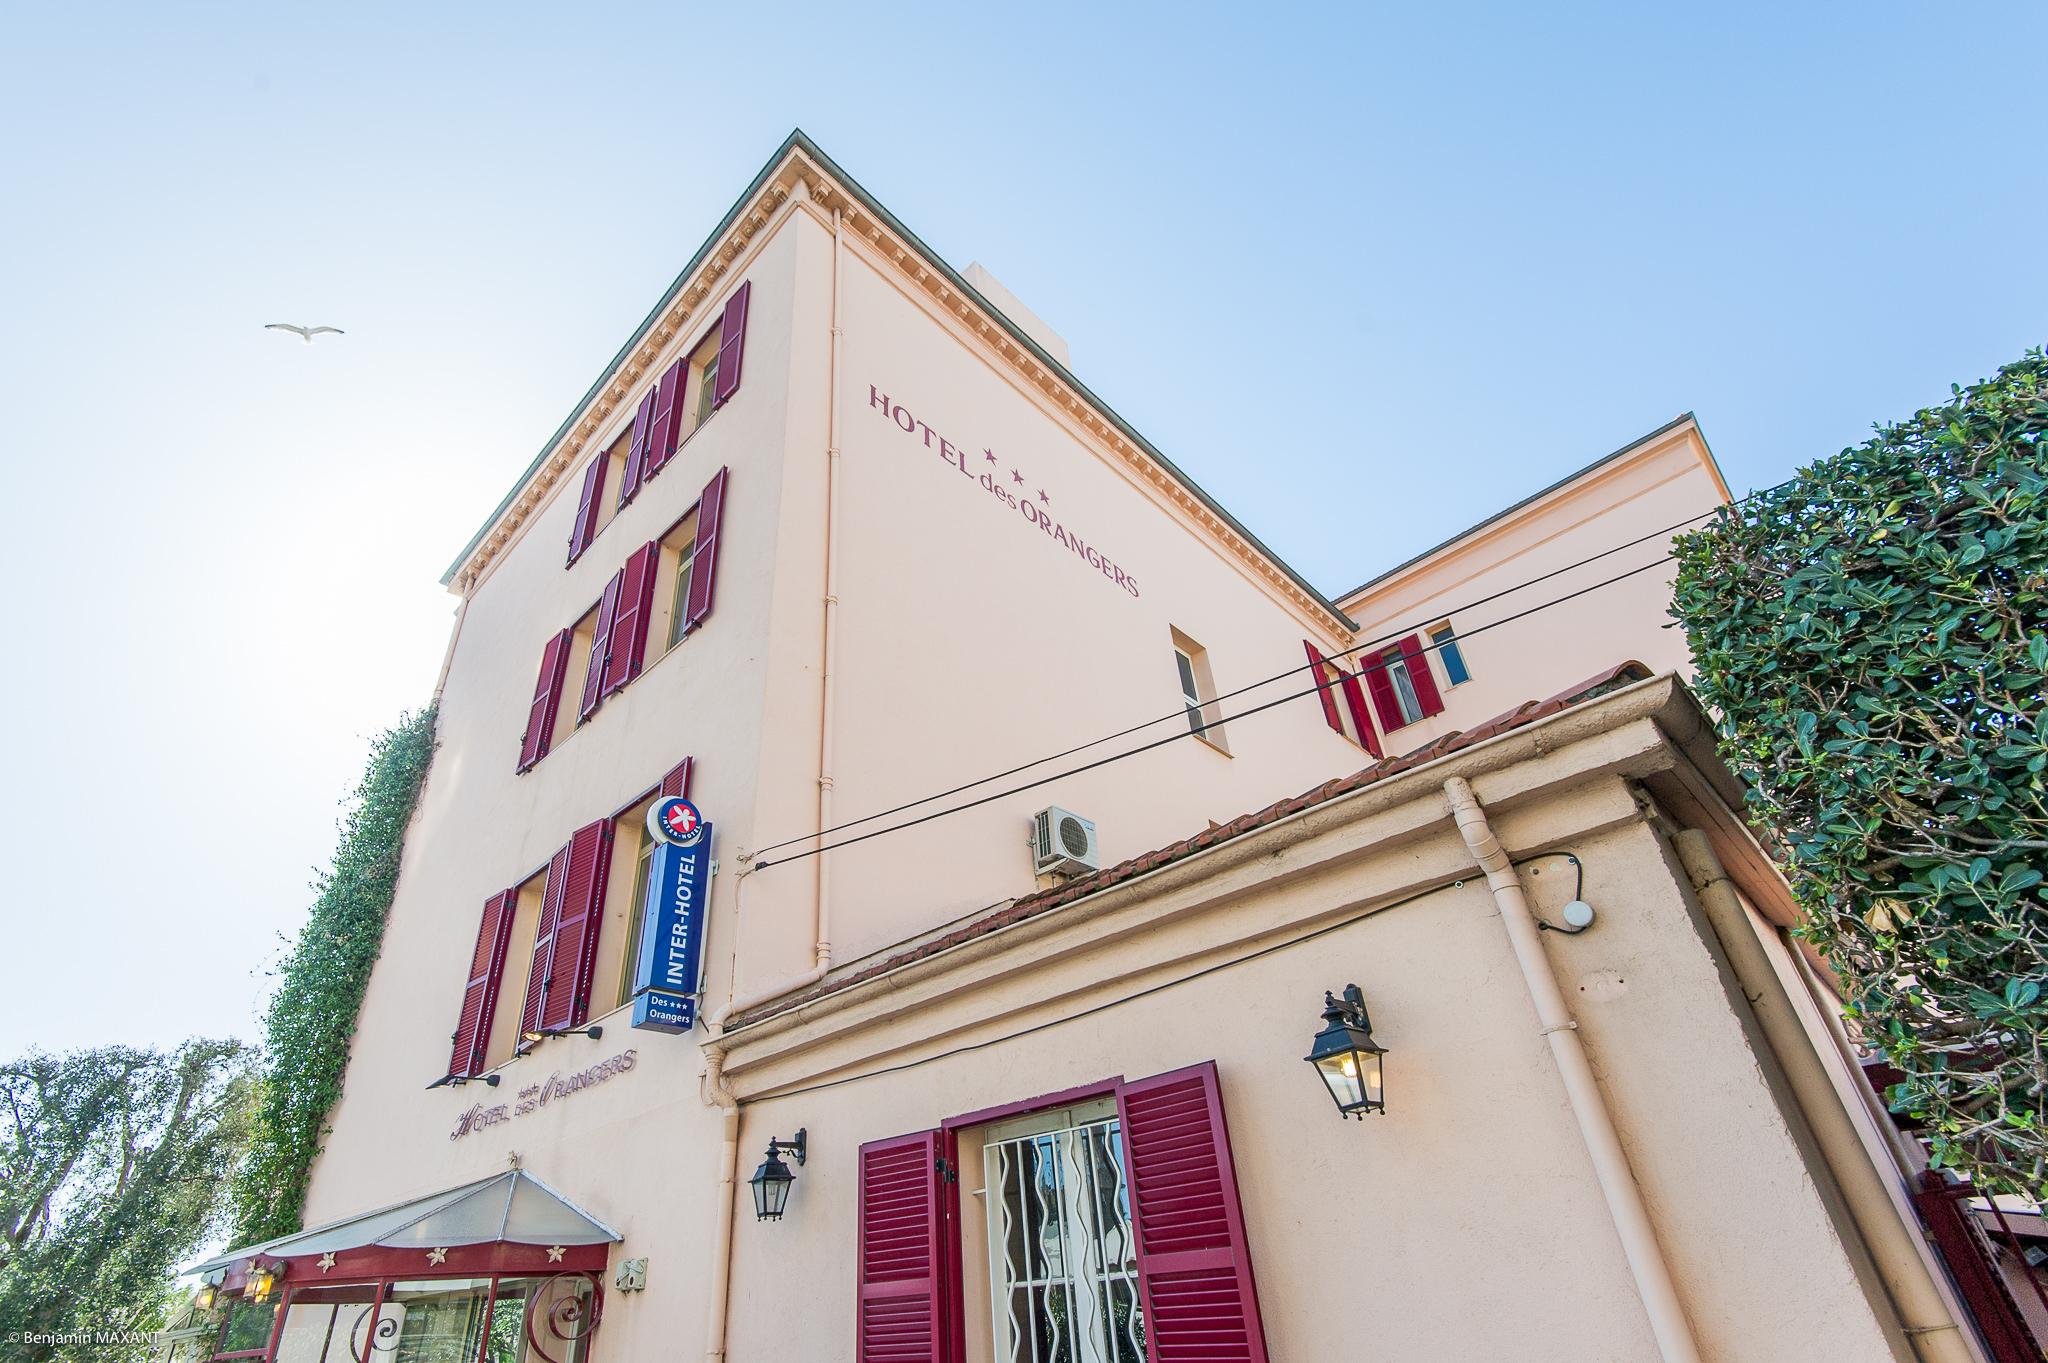 Reportage photo immobilier de l'hôtel des Oranges à Cannes